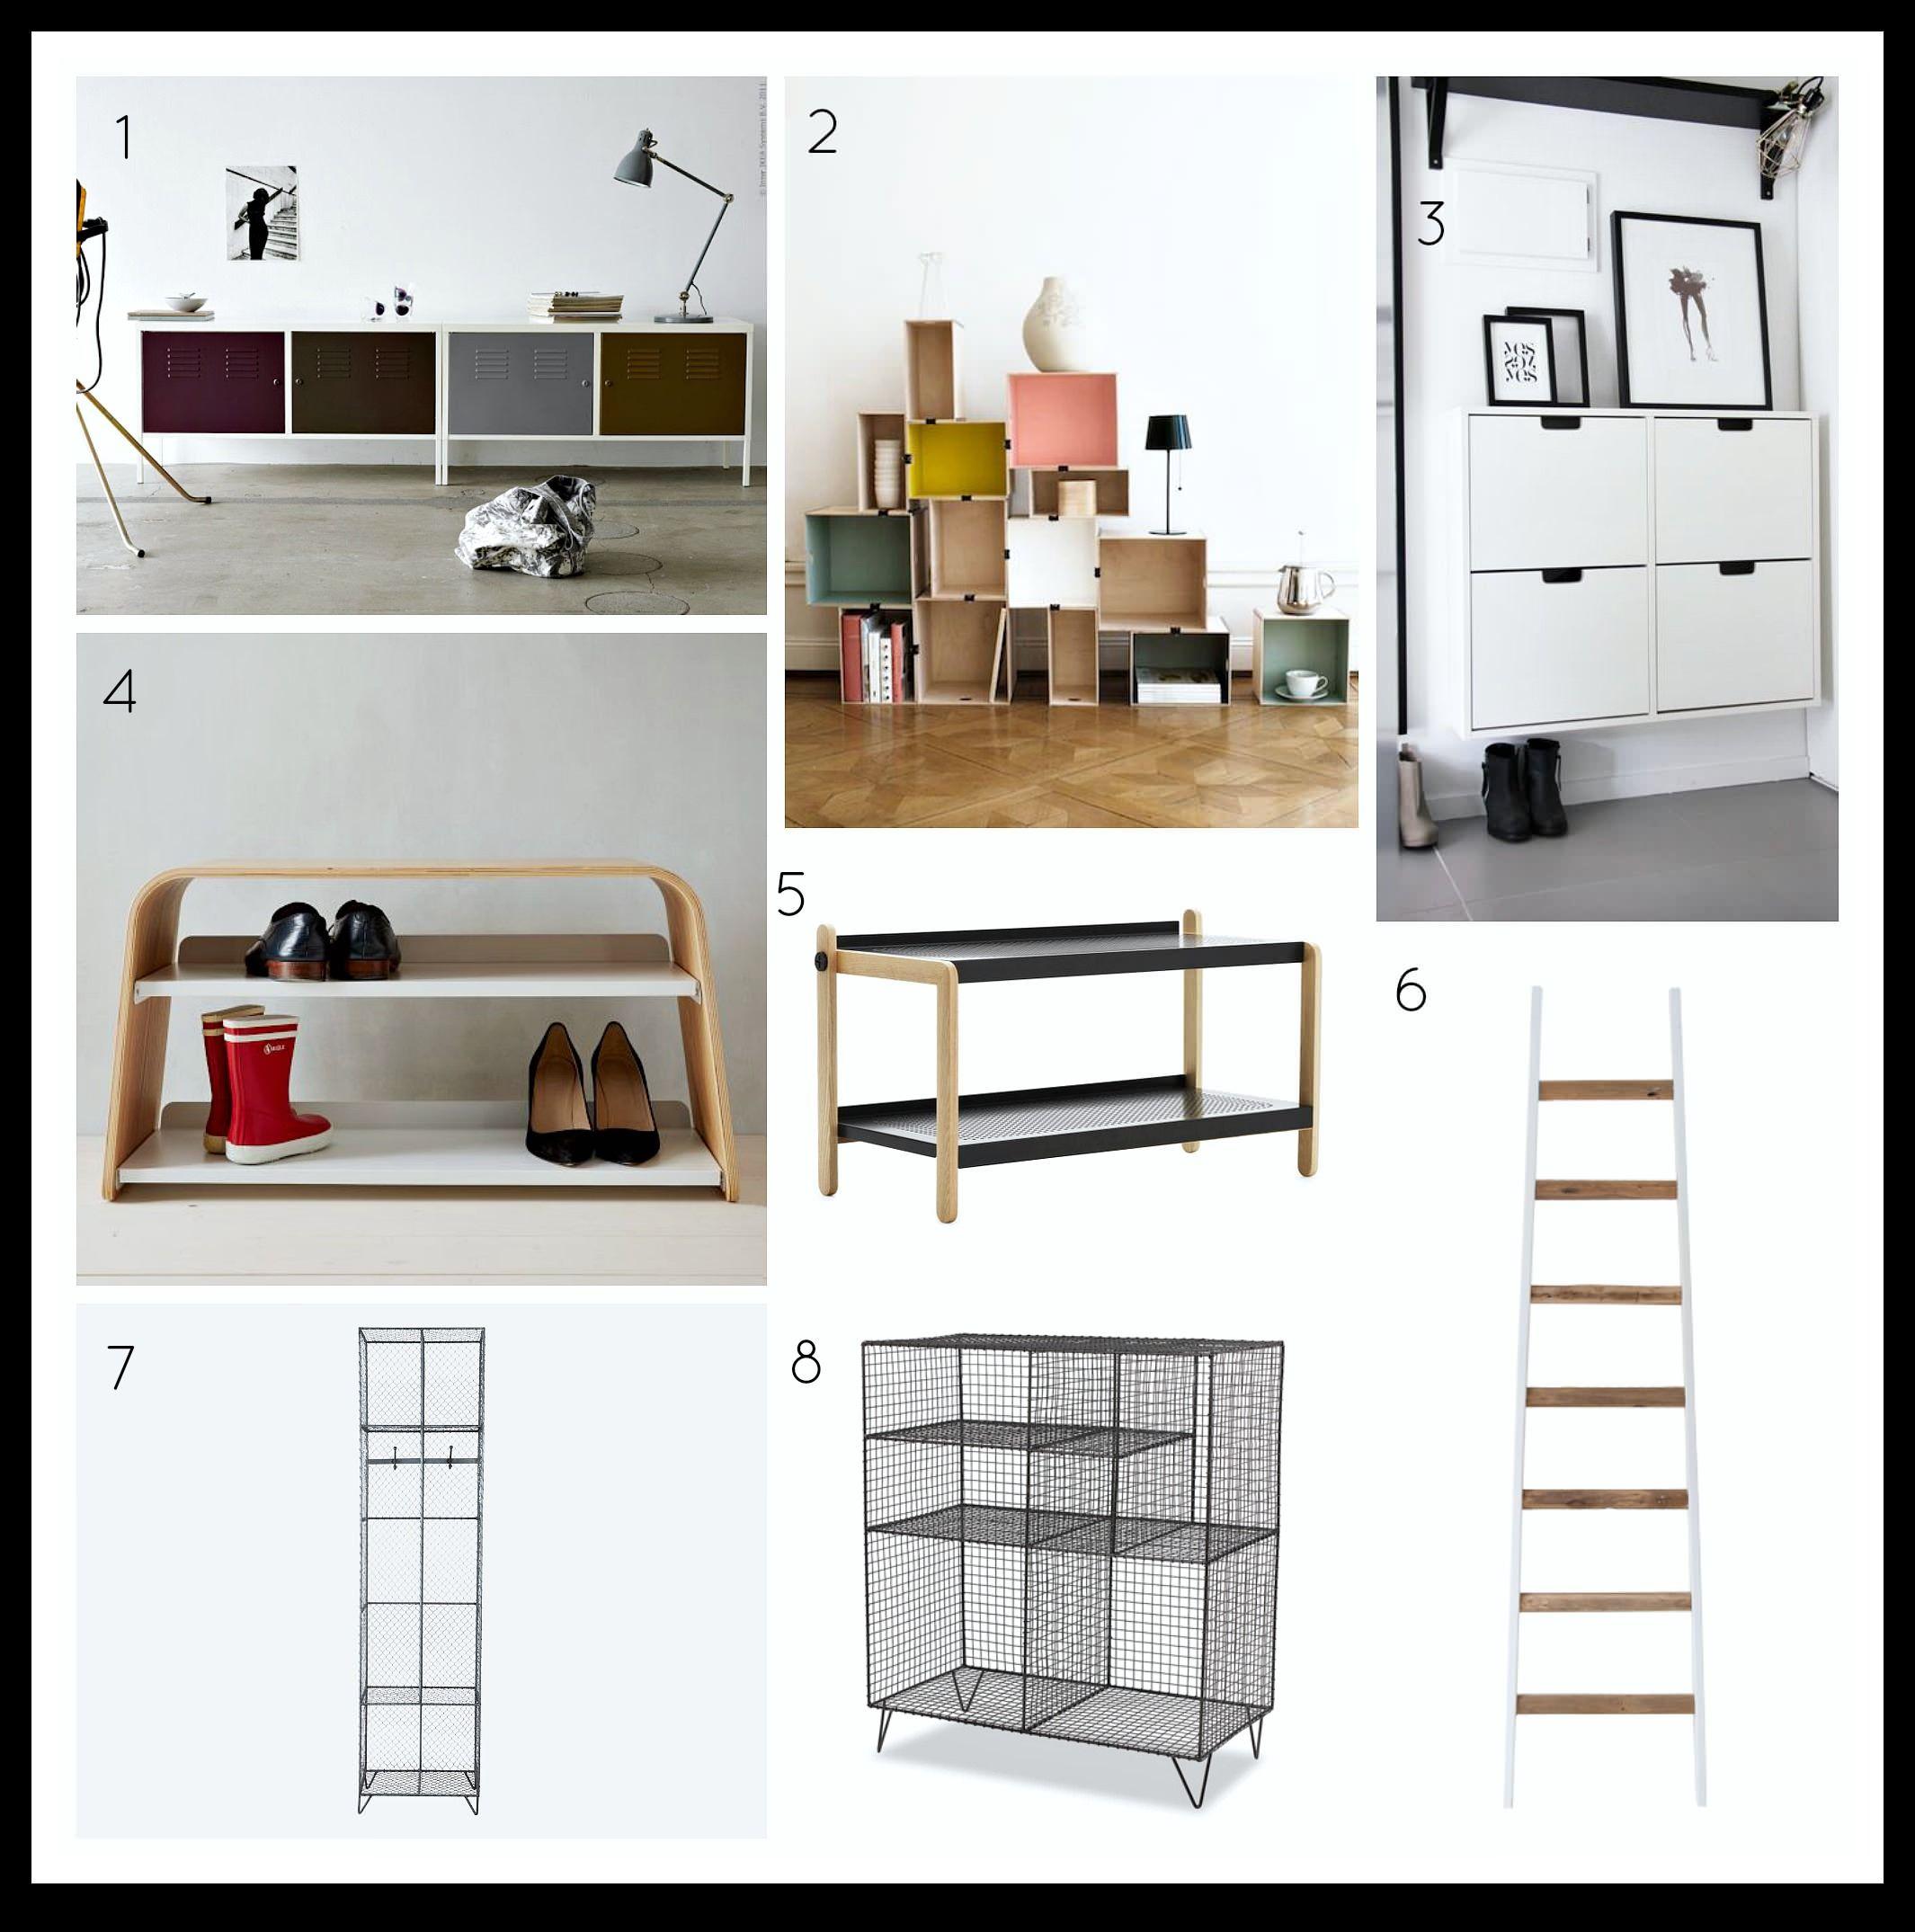 Hallway furniture shoe storage  ShoestorageoptionsonlittleBigBellg  Hall  Pinterest